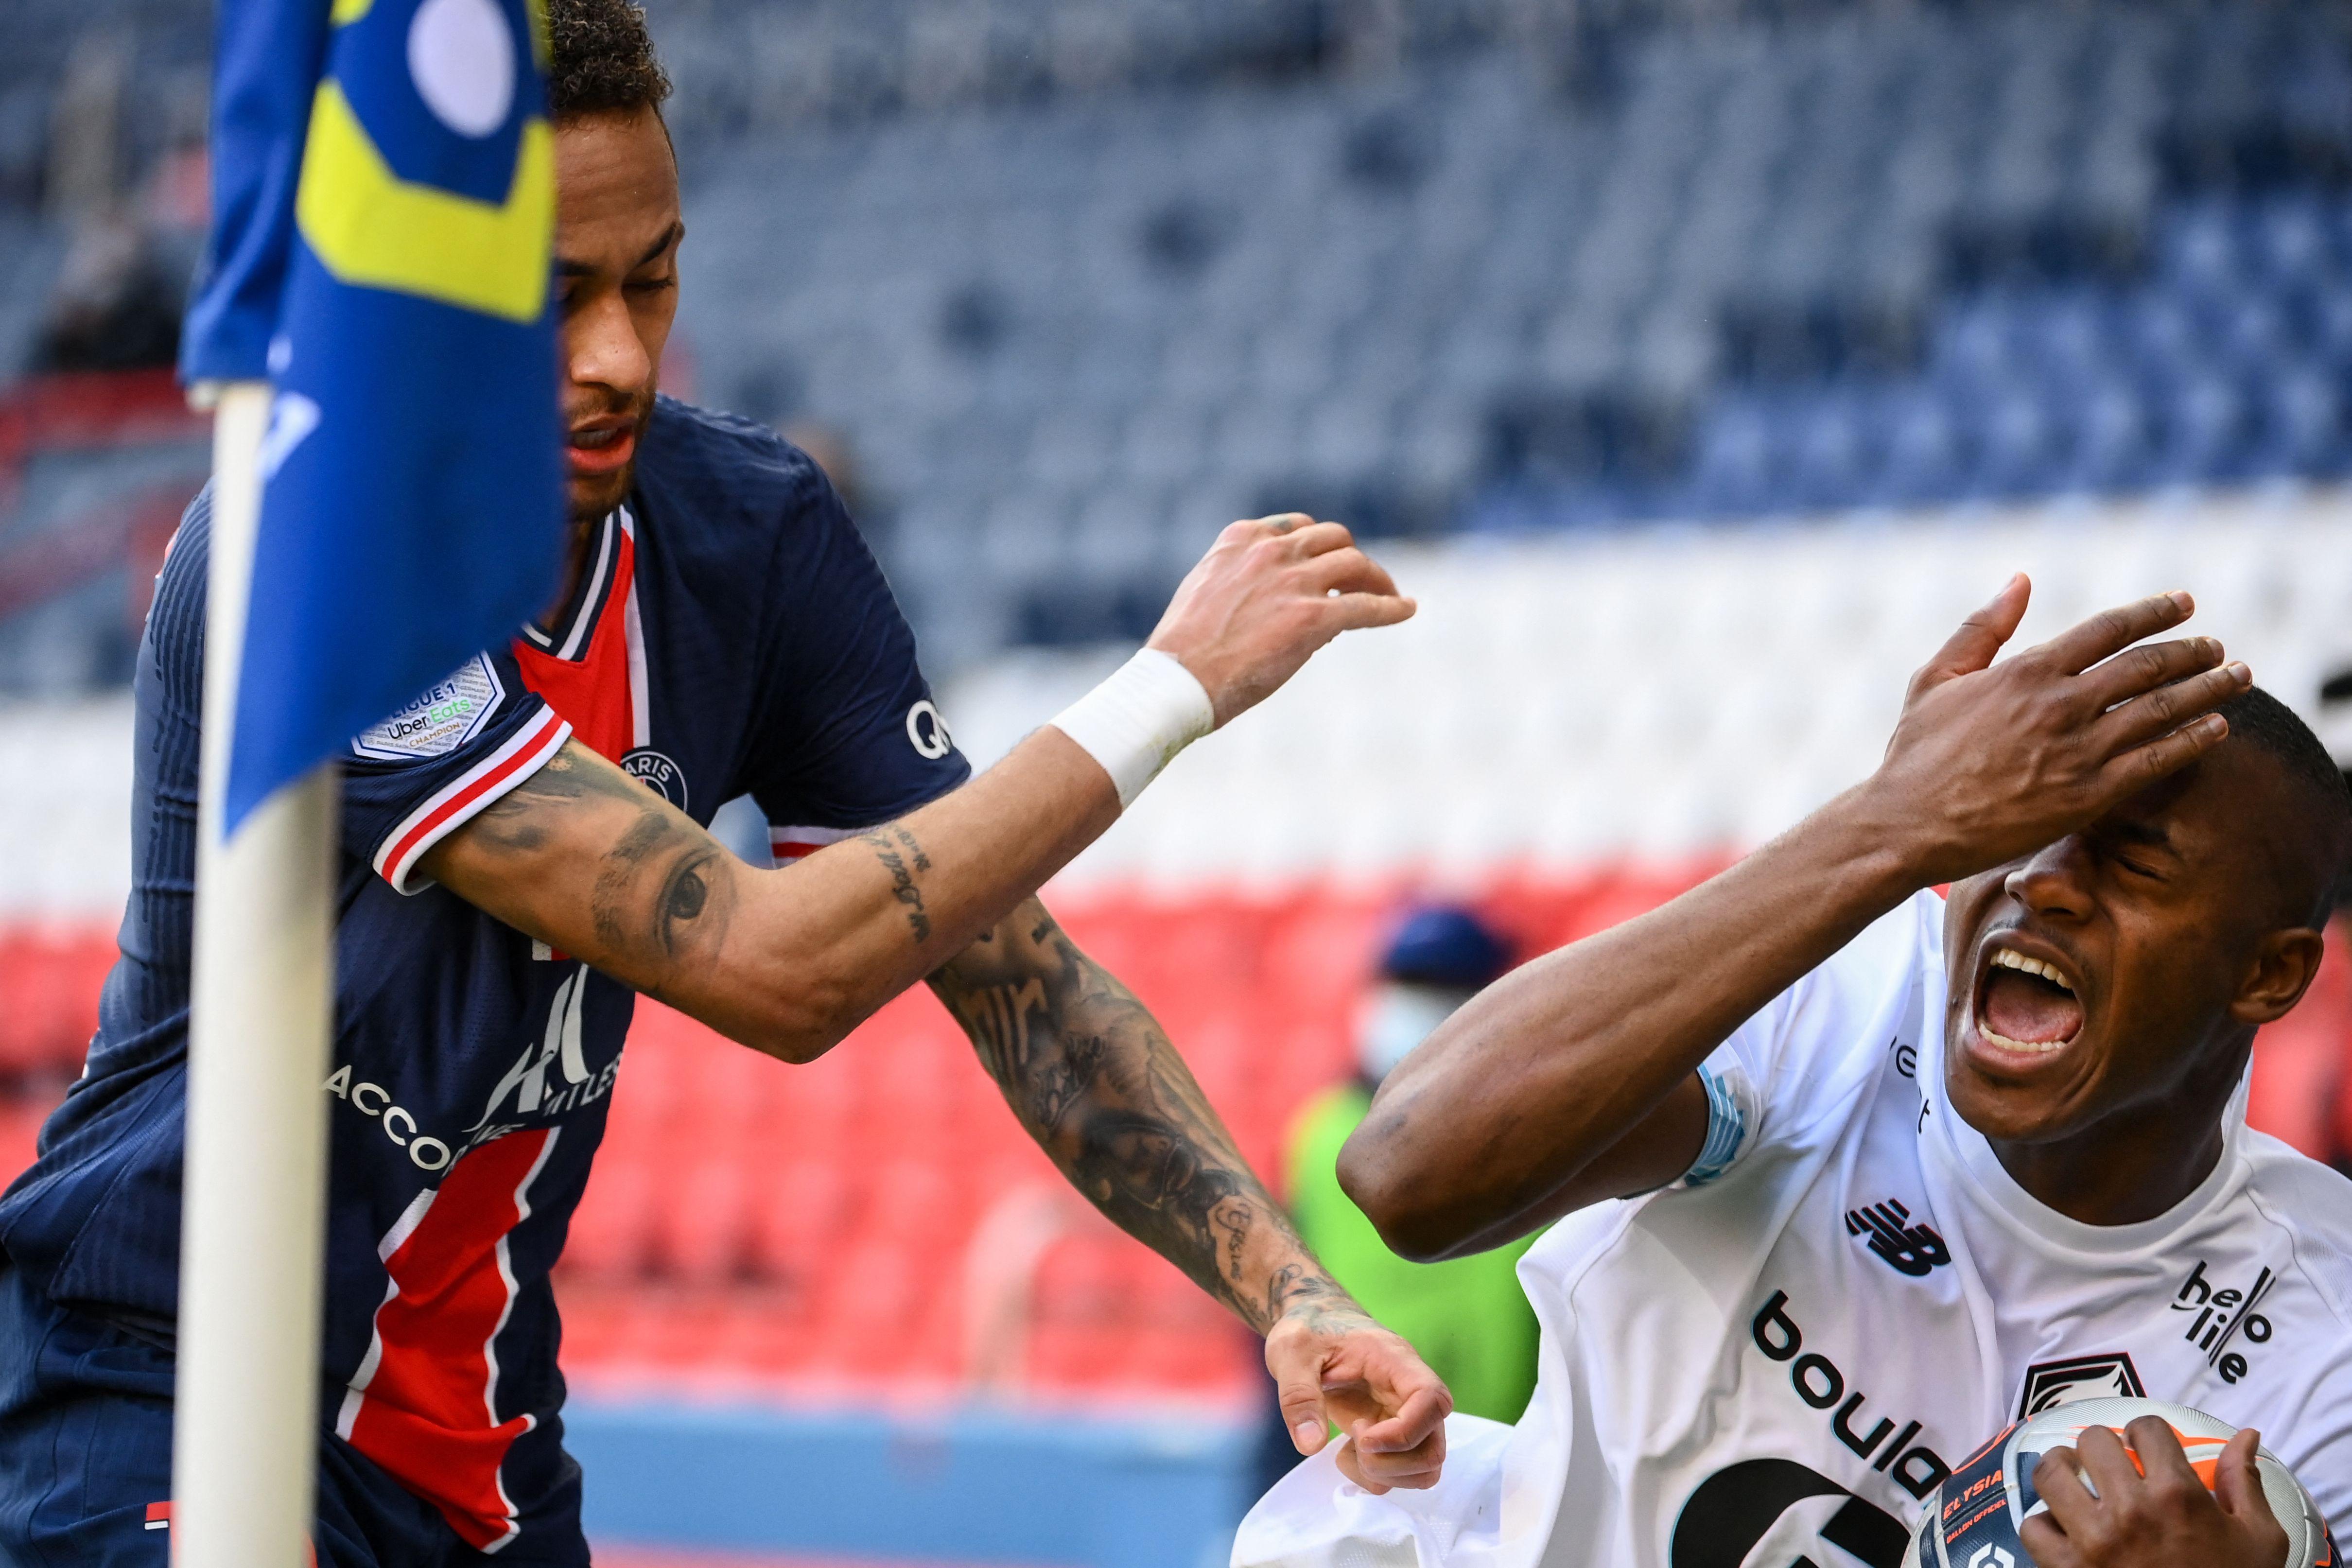 Neymar golpea a Tiago Djalo, del Lille, en la acción que le costó la expulsión.